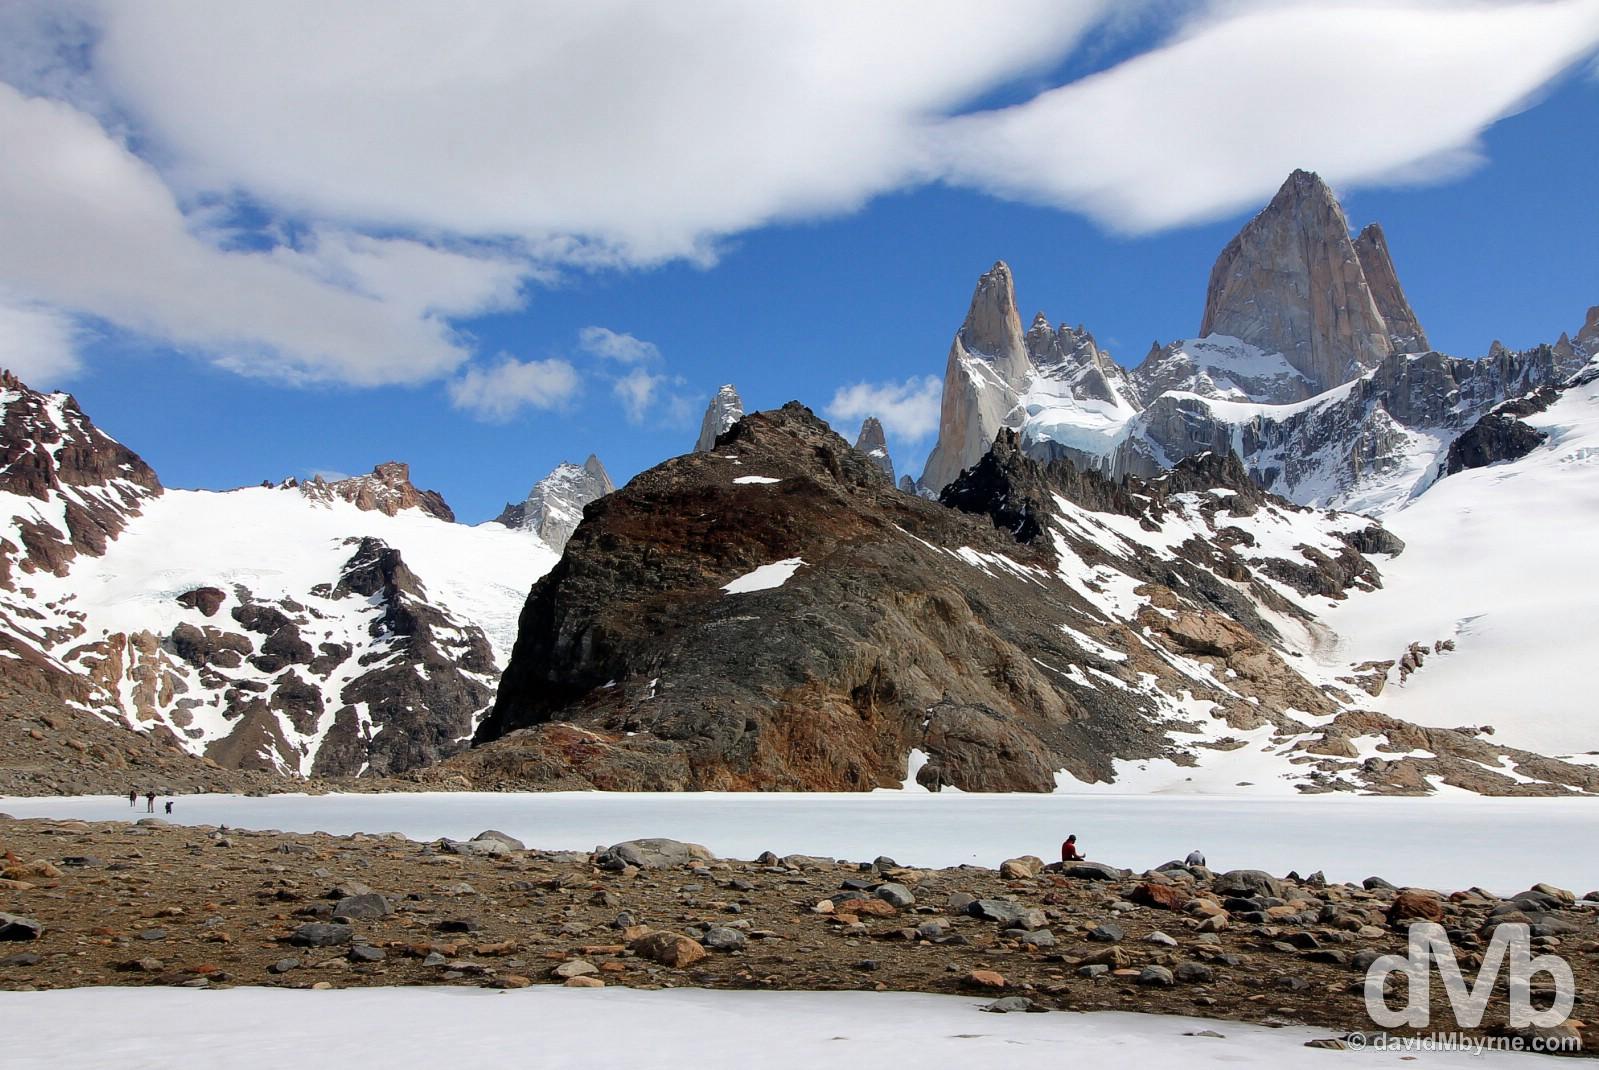 Resting by Laguna de los Tres in Parque Nacional Los Glaciares, southern Patagonia, Argentina. November 4, 2015.